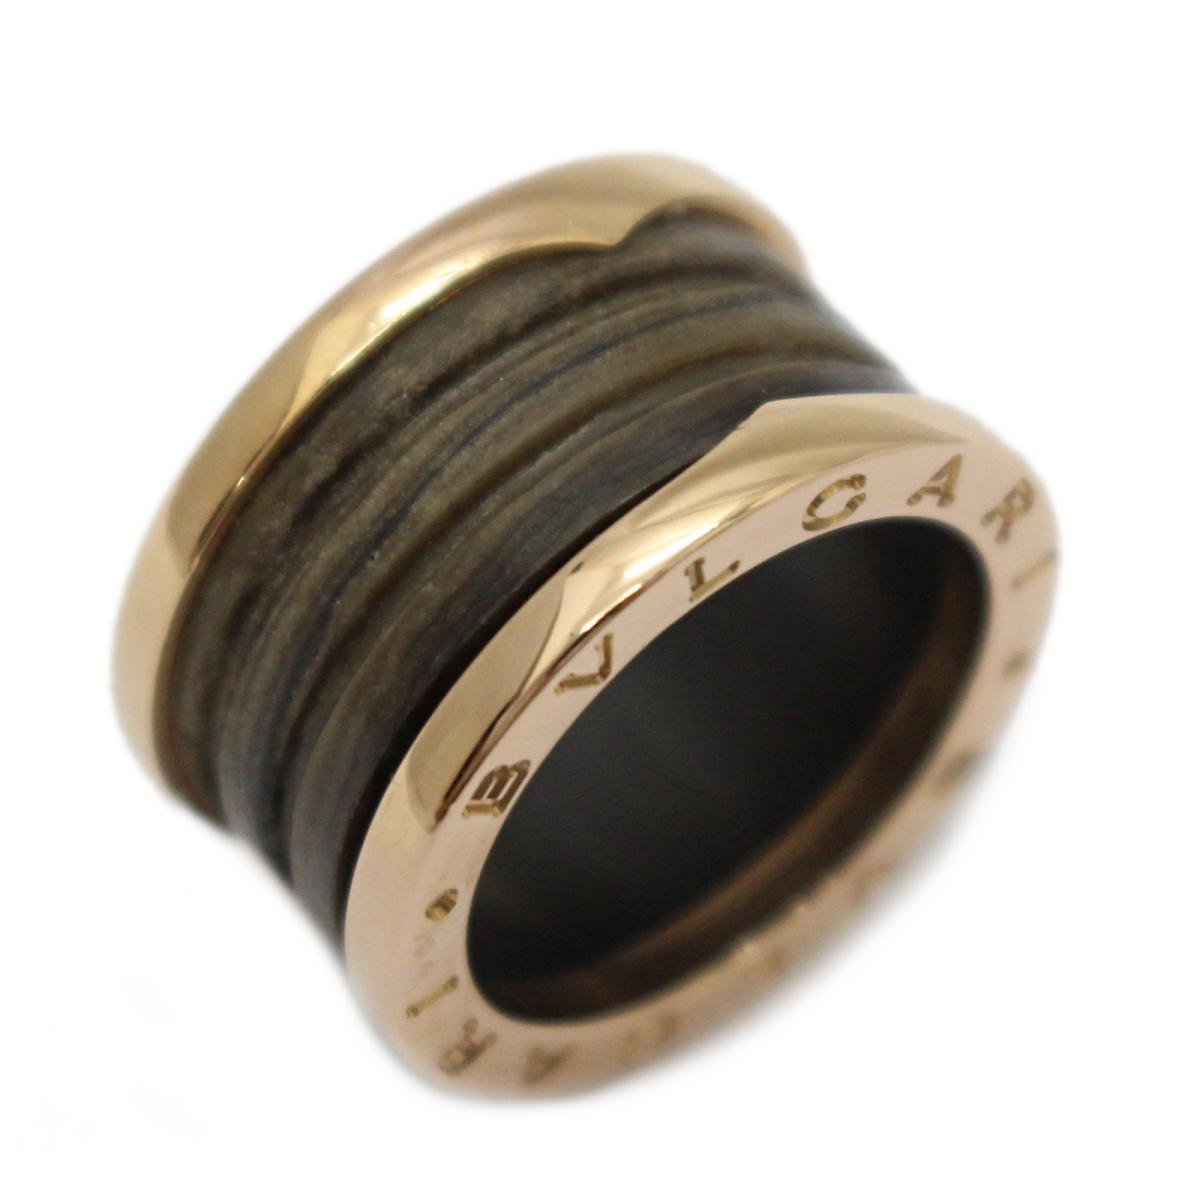 ブルガリ B-zero1 リング マーブル 指輪 ブランドジュエリー メンズ レディース K18PG (750) ピンクゴールド × ローズゴールド ブラウン 【中古】 | BVLGARI BRANDOFF ブランドオフ ブランド ジュエリー アクセサリー